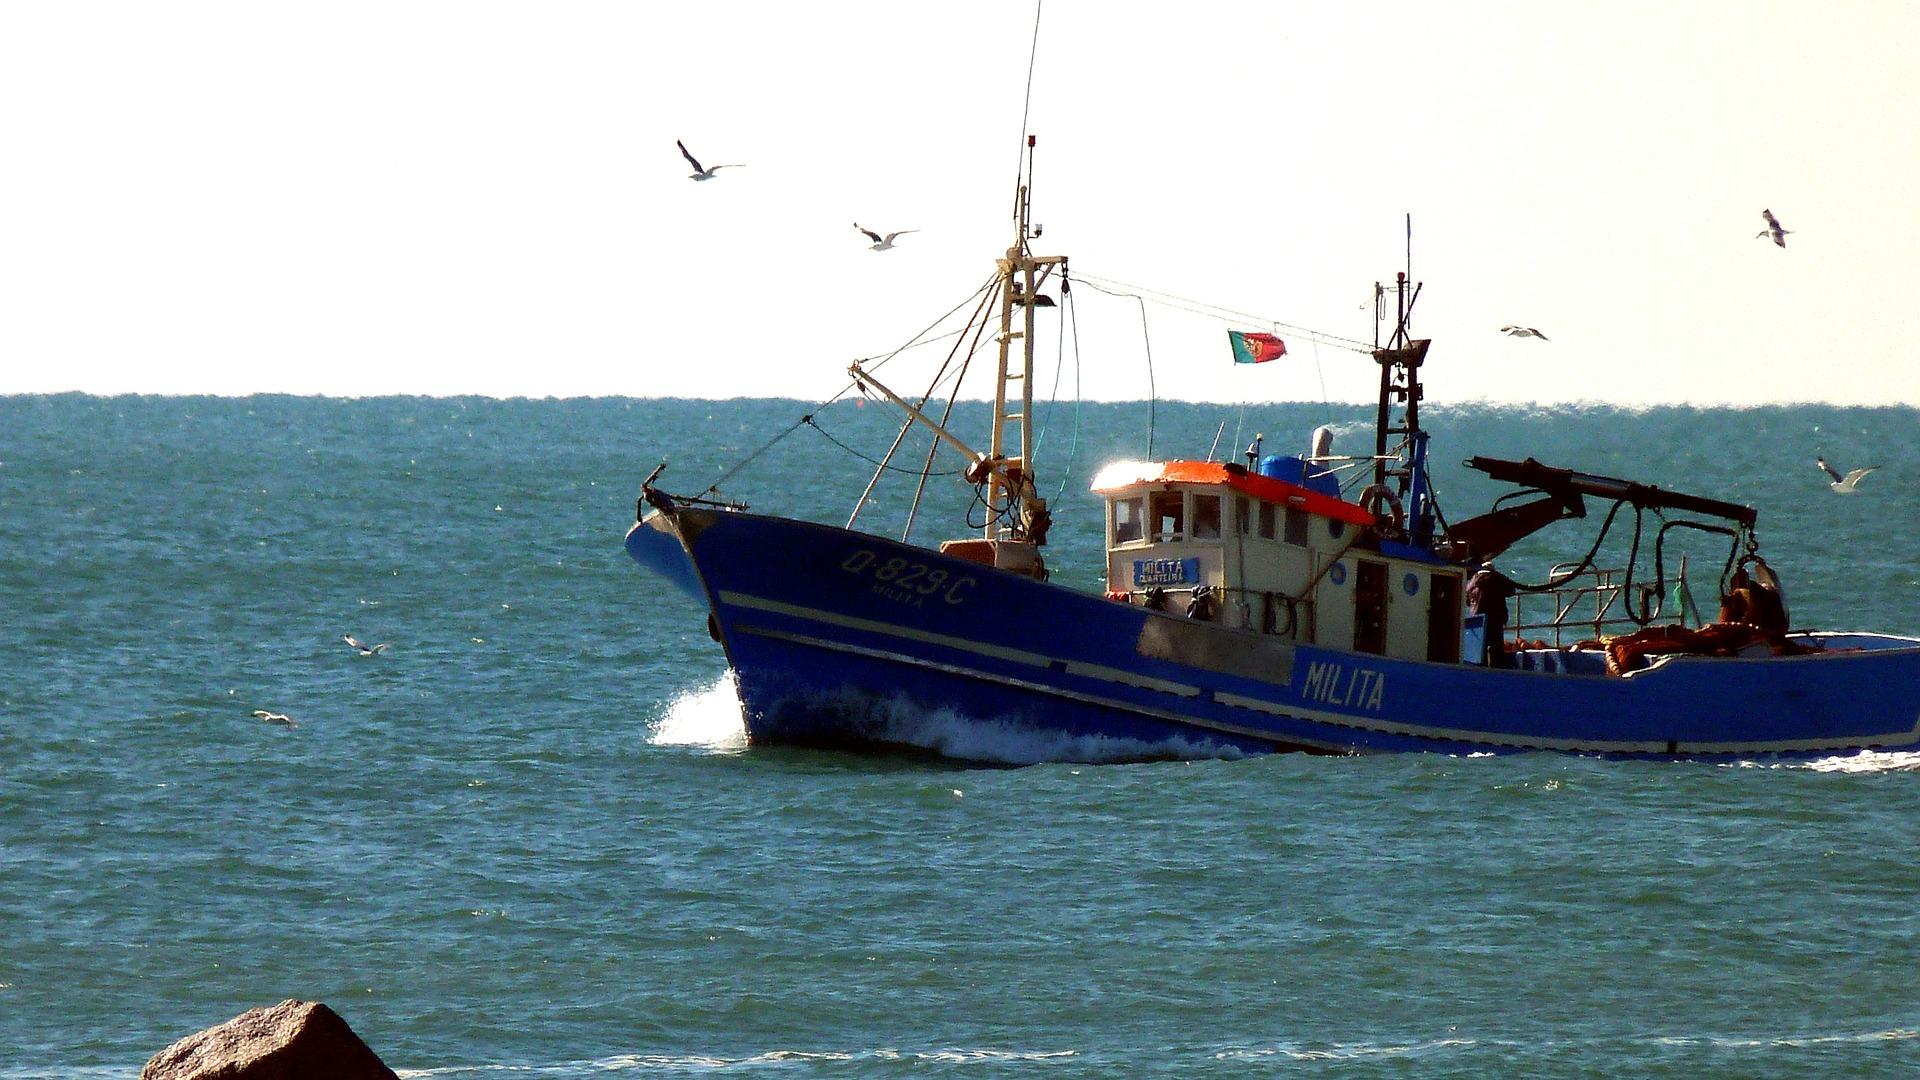 Governo garante que reembolso do fundo de pescas não está suspenso mas interrompido